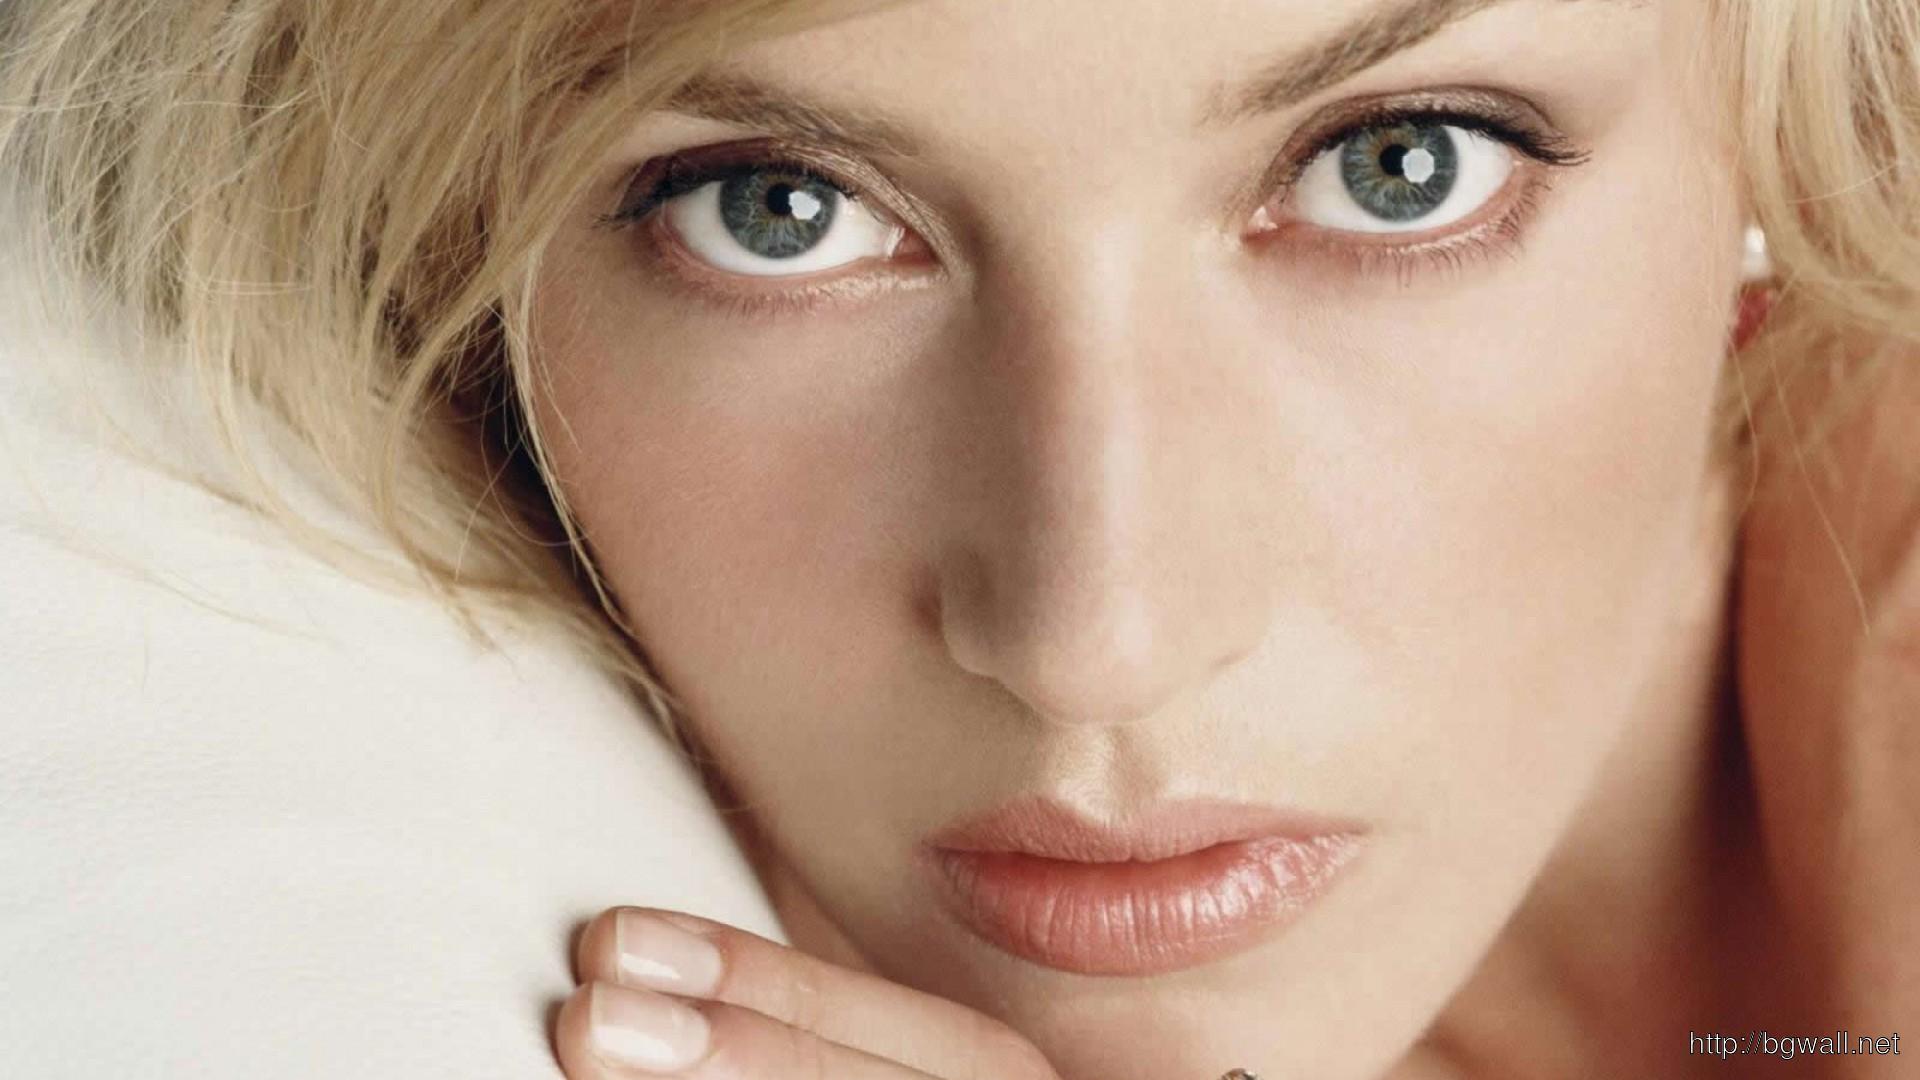 Kate Winslet Wallpaper 3859